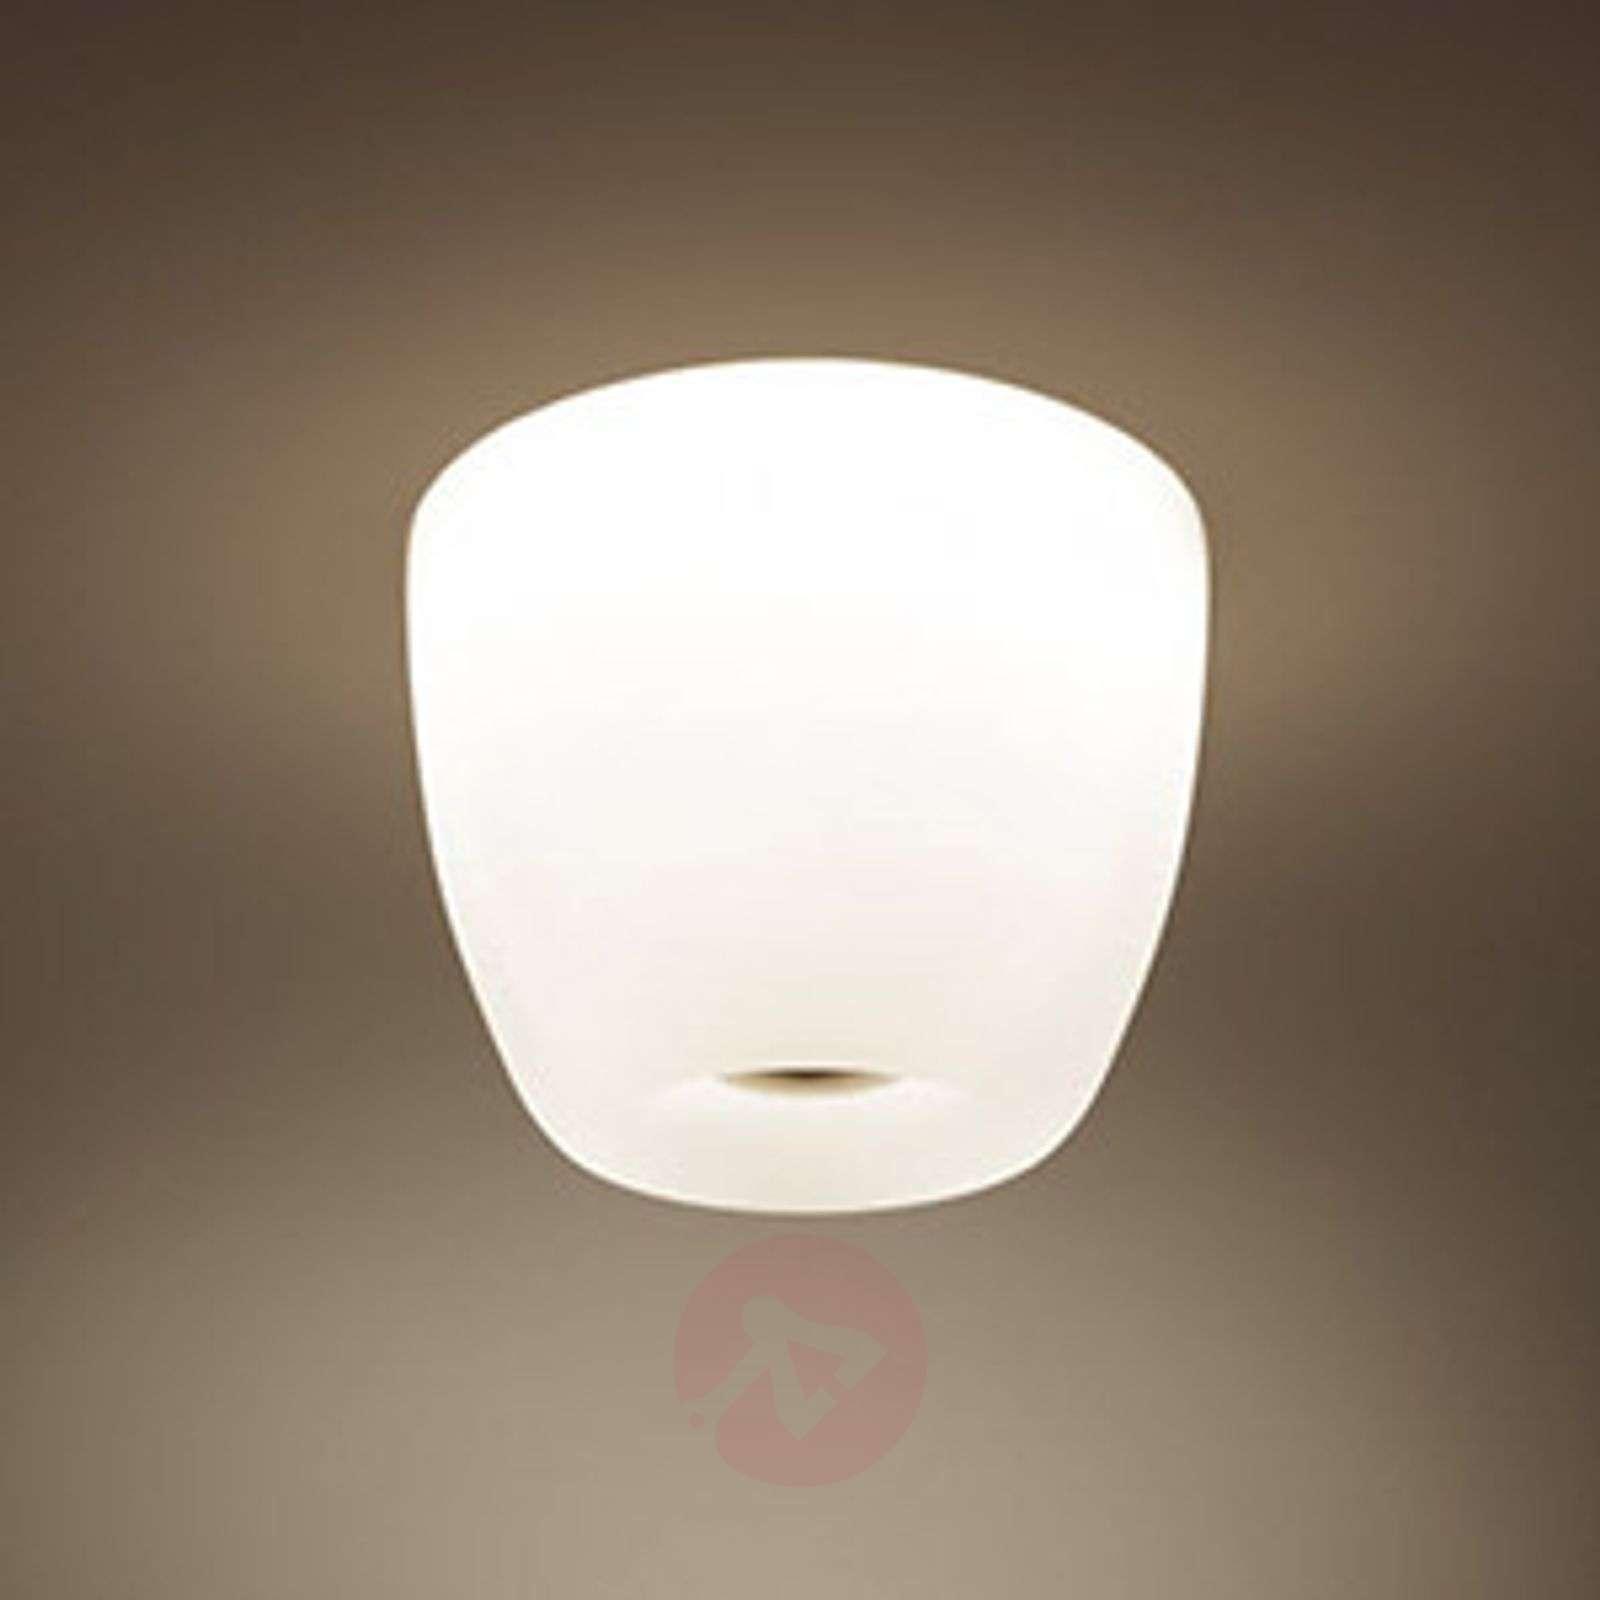 Valkoinen MARA-kattovalaisin-2000287-01